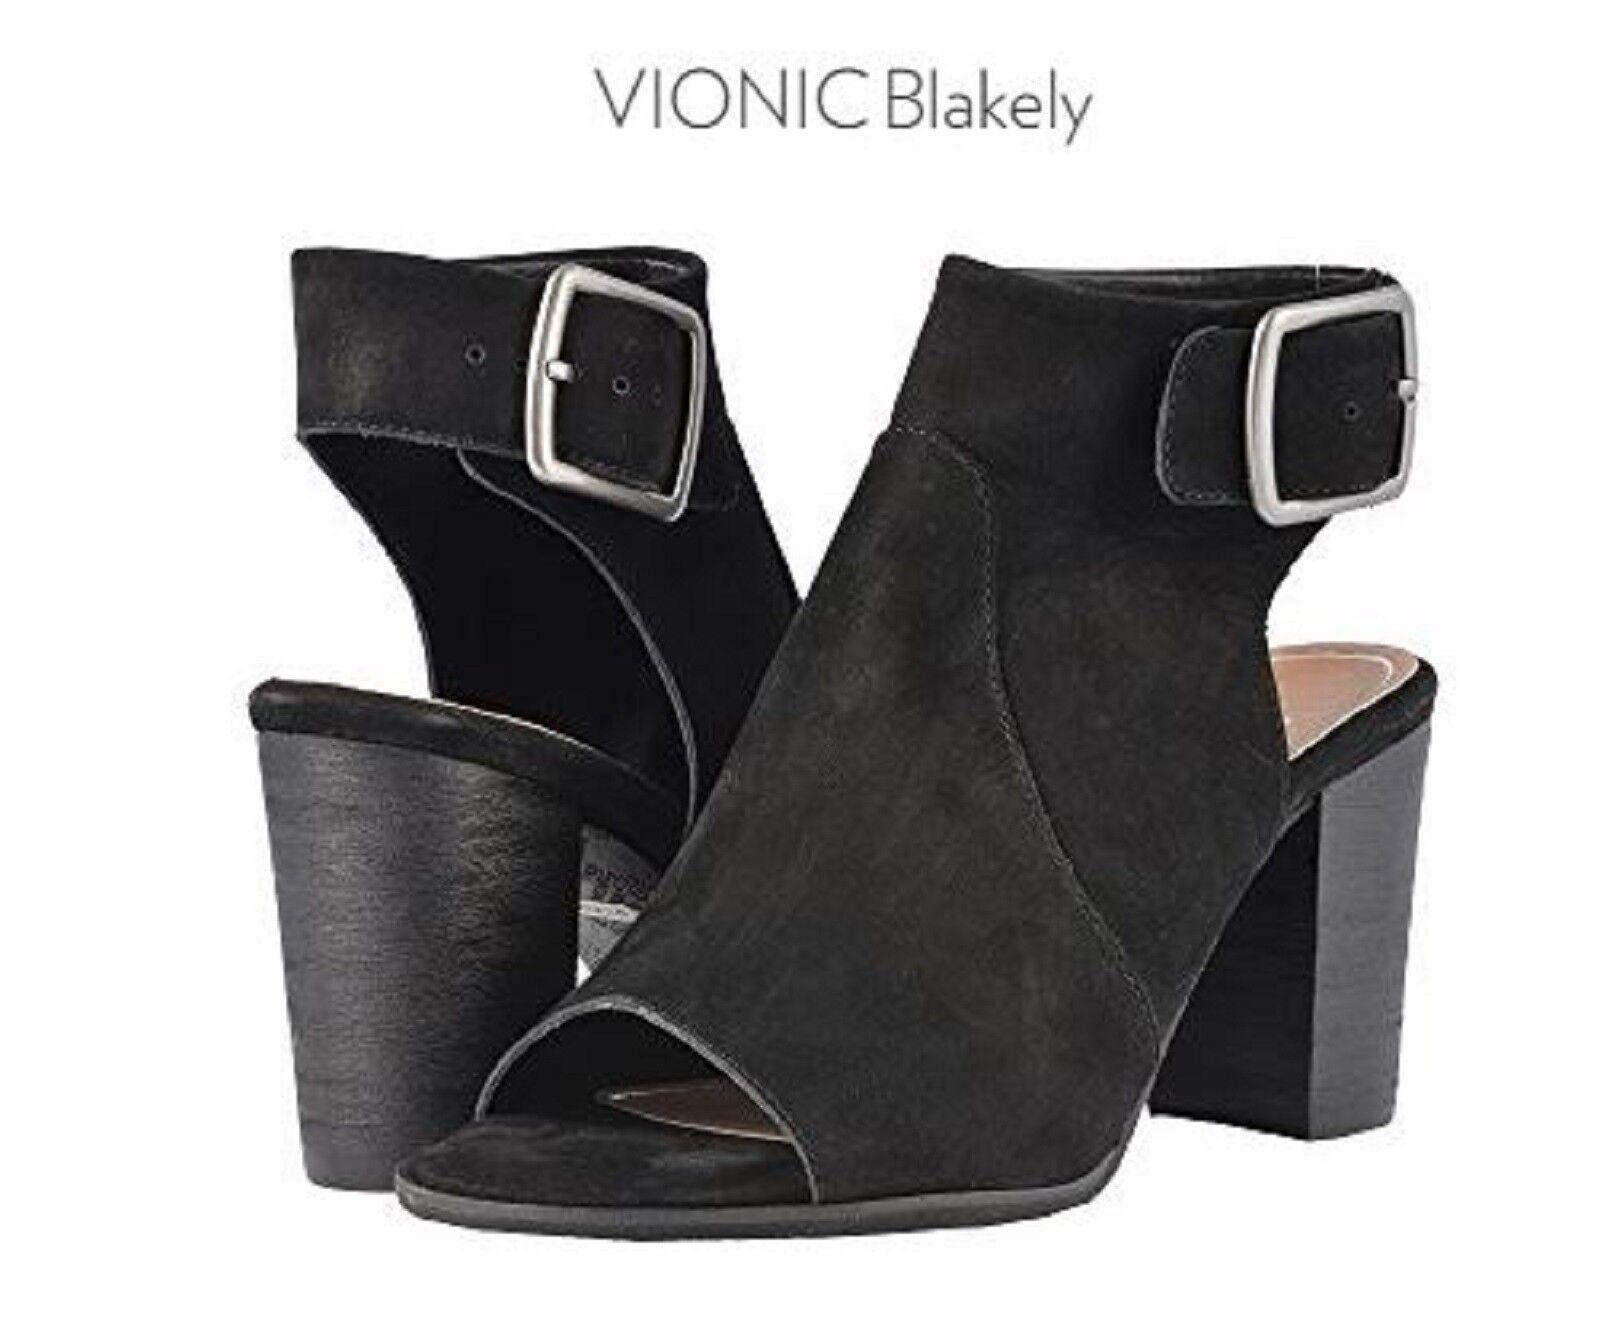 Vionic Orthaheel PERK BLAKELY Leder Heeled Sandales Schuhes BLACK Größe 11 W NIB